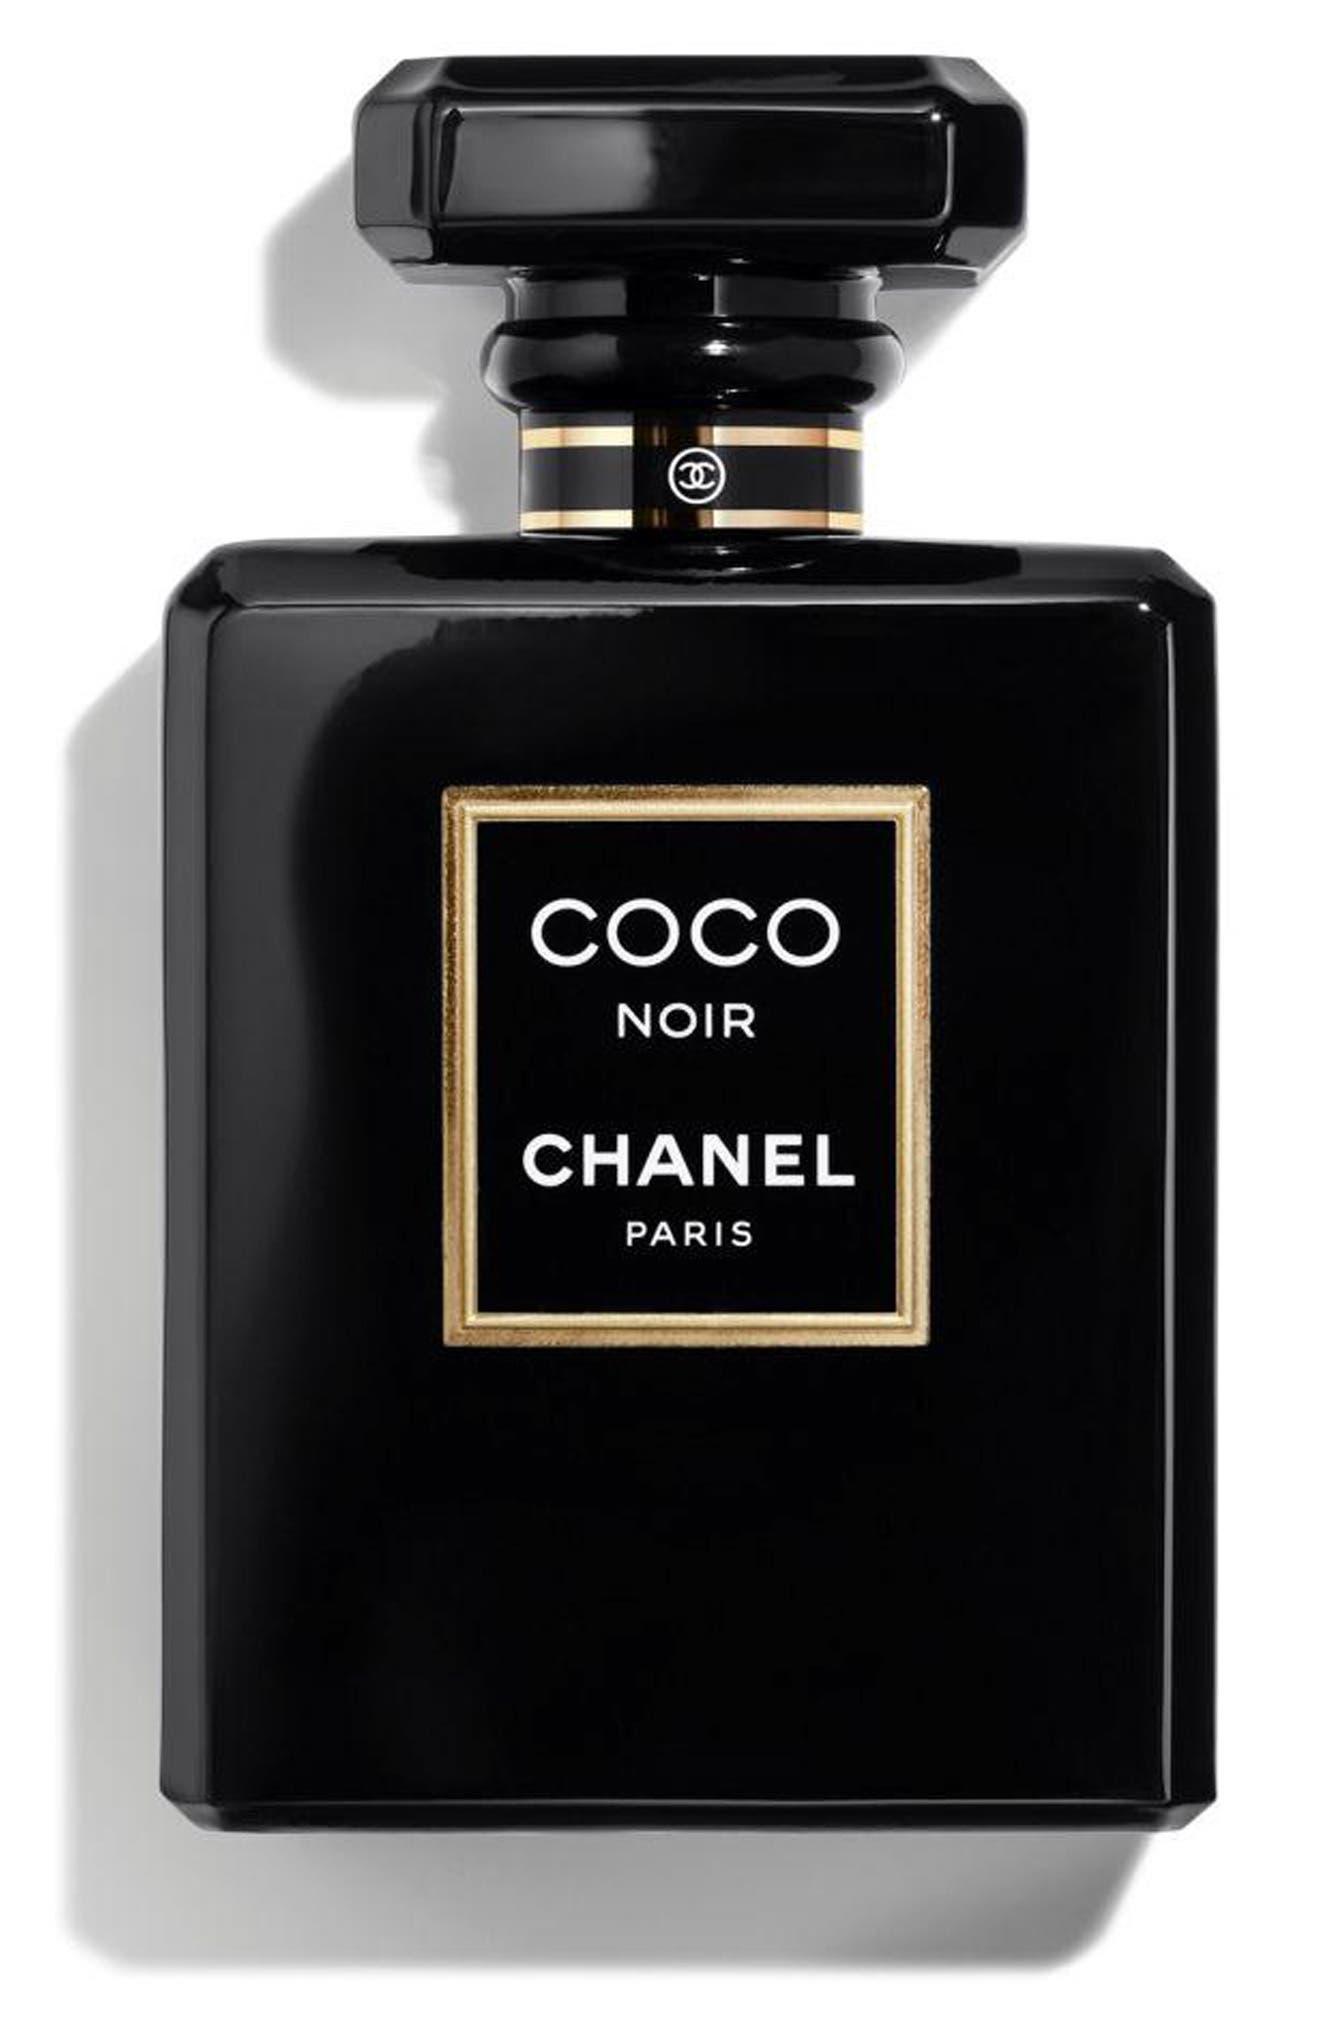 CHANEL COCO NOIR Eau de Parfum Spray   Nordstrom